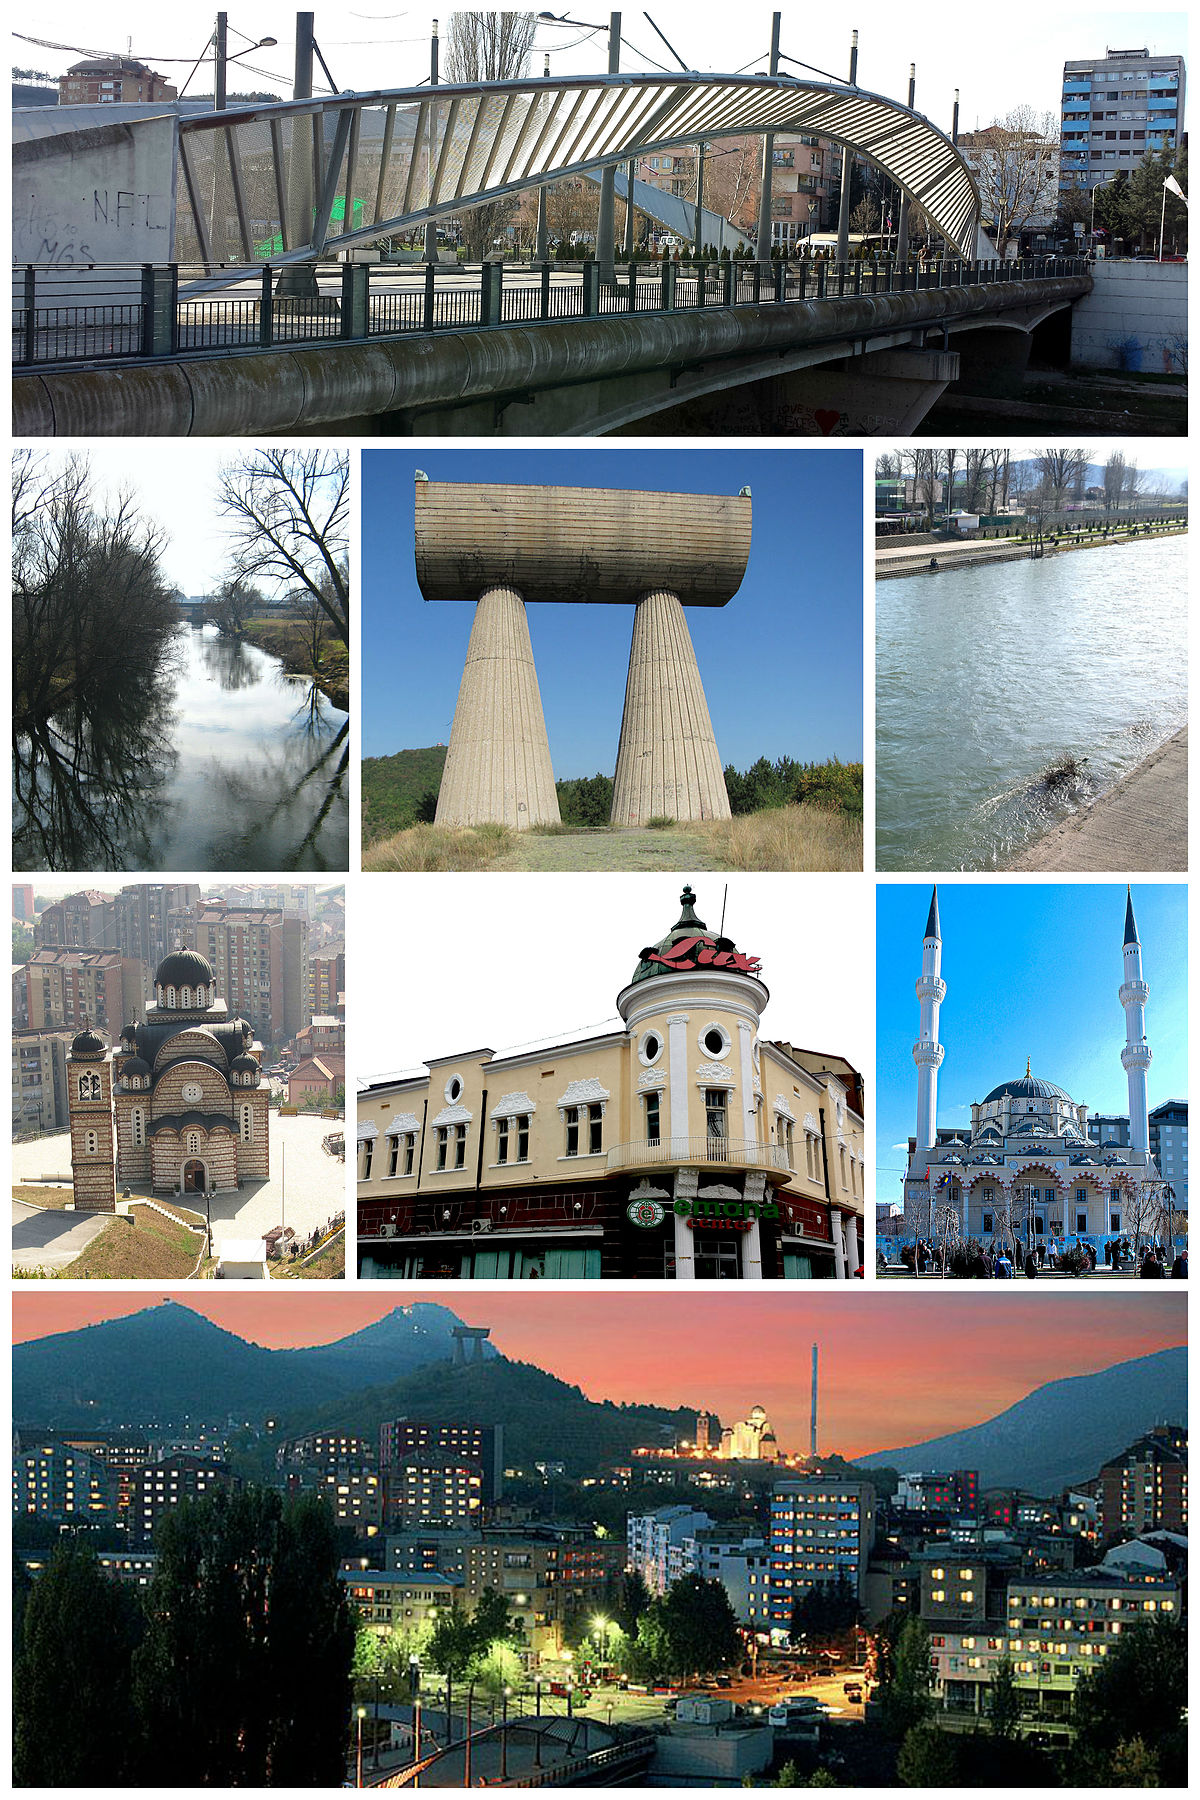 Αποτέλεσμα εικόνας για kosovska mitrovica bridge riots